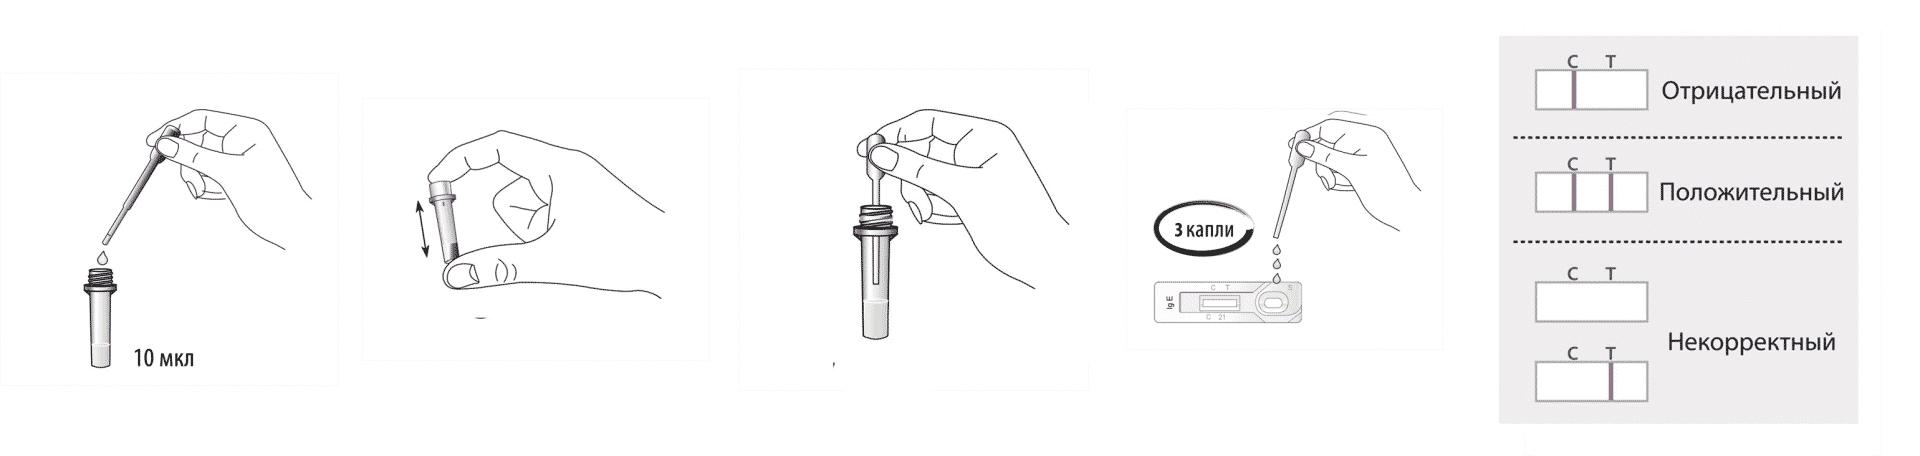 Методика проведения анализа на иммуноглобулин Е